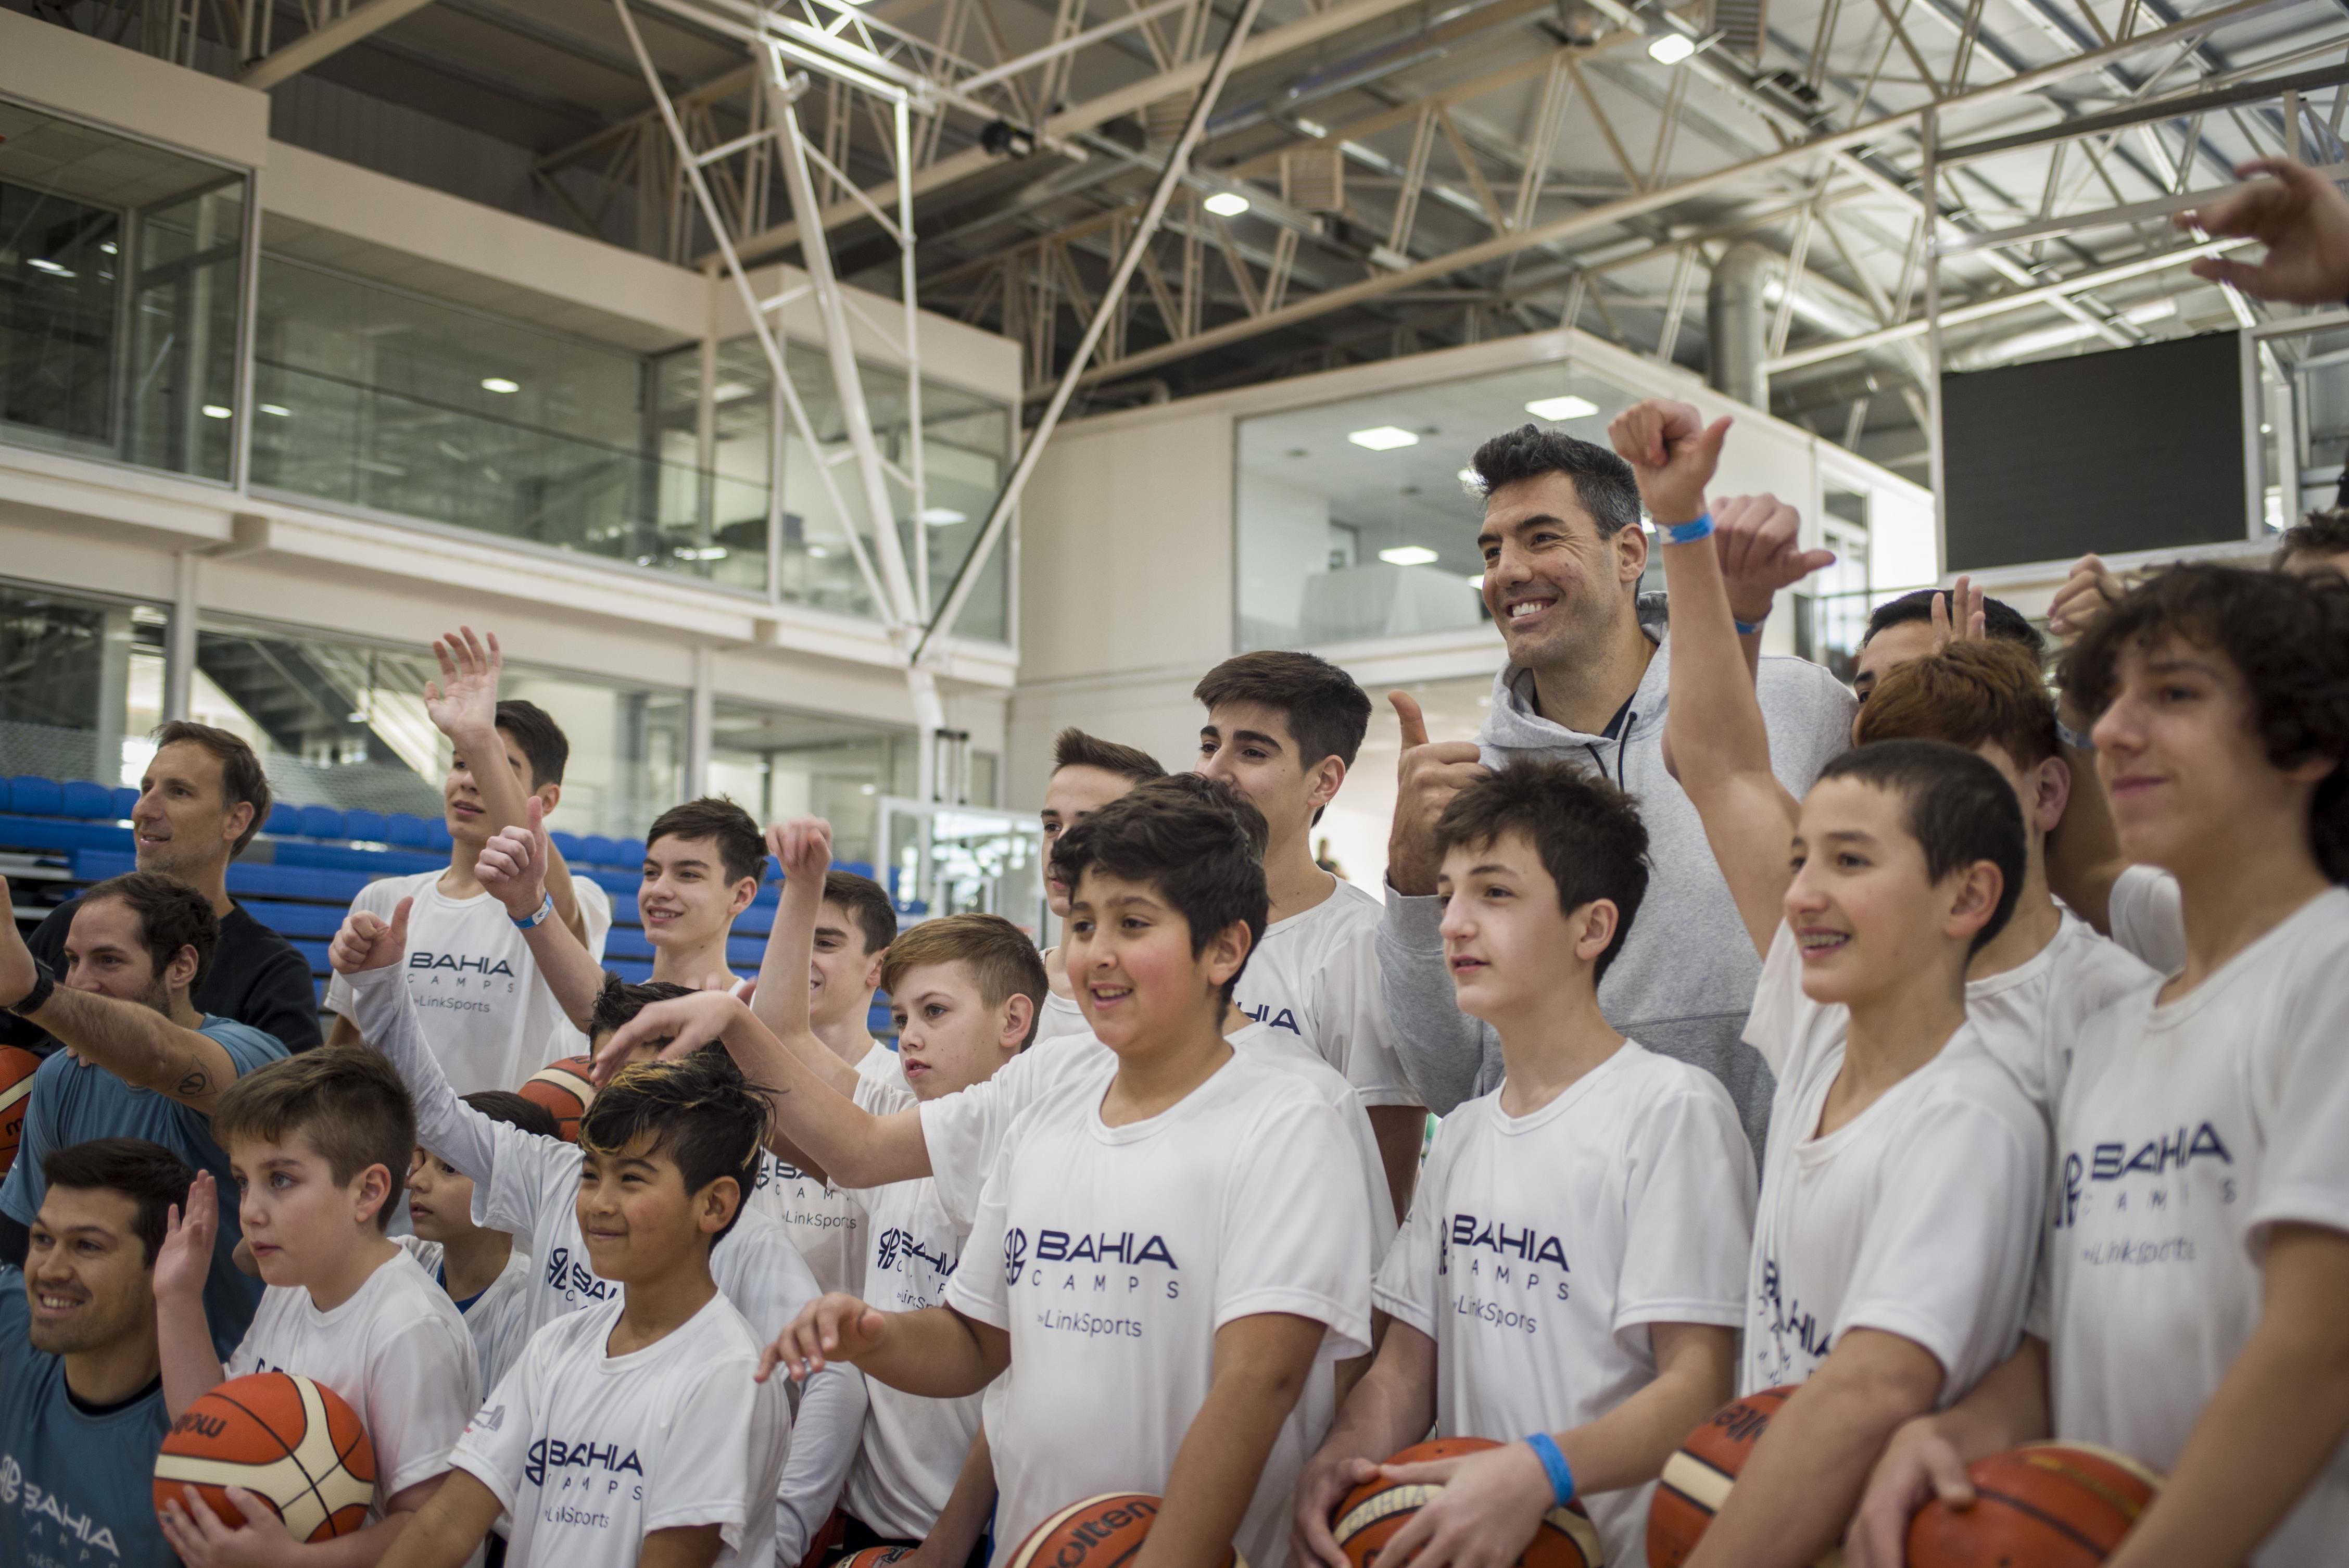 Luis estuvo en los campus y elogió la cultura de Bahía Basket. Va por el camino correcto